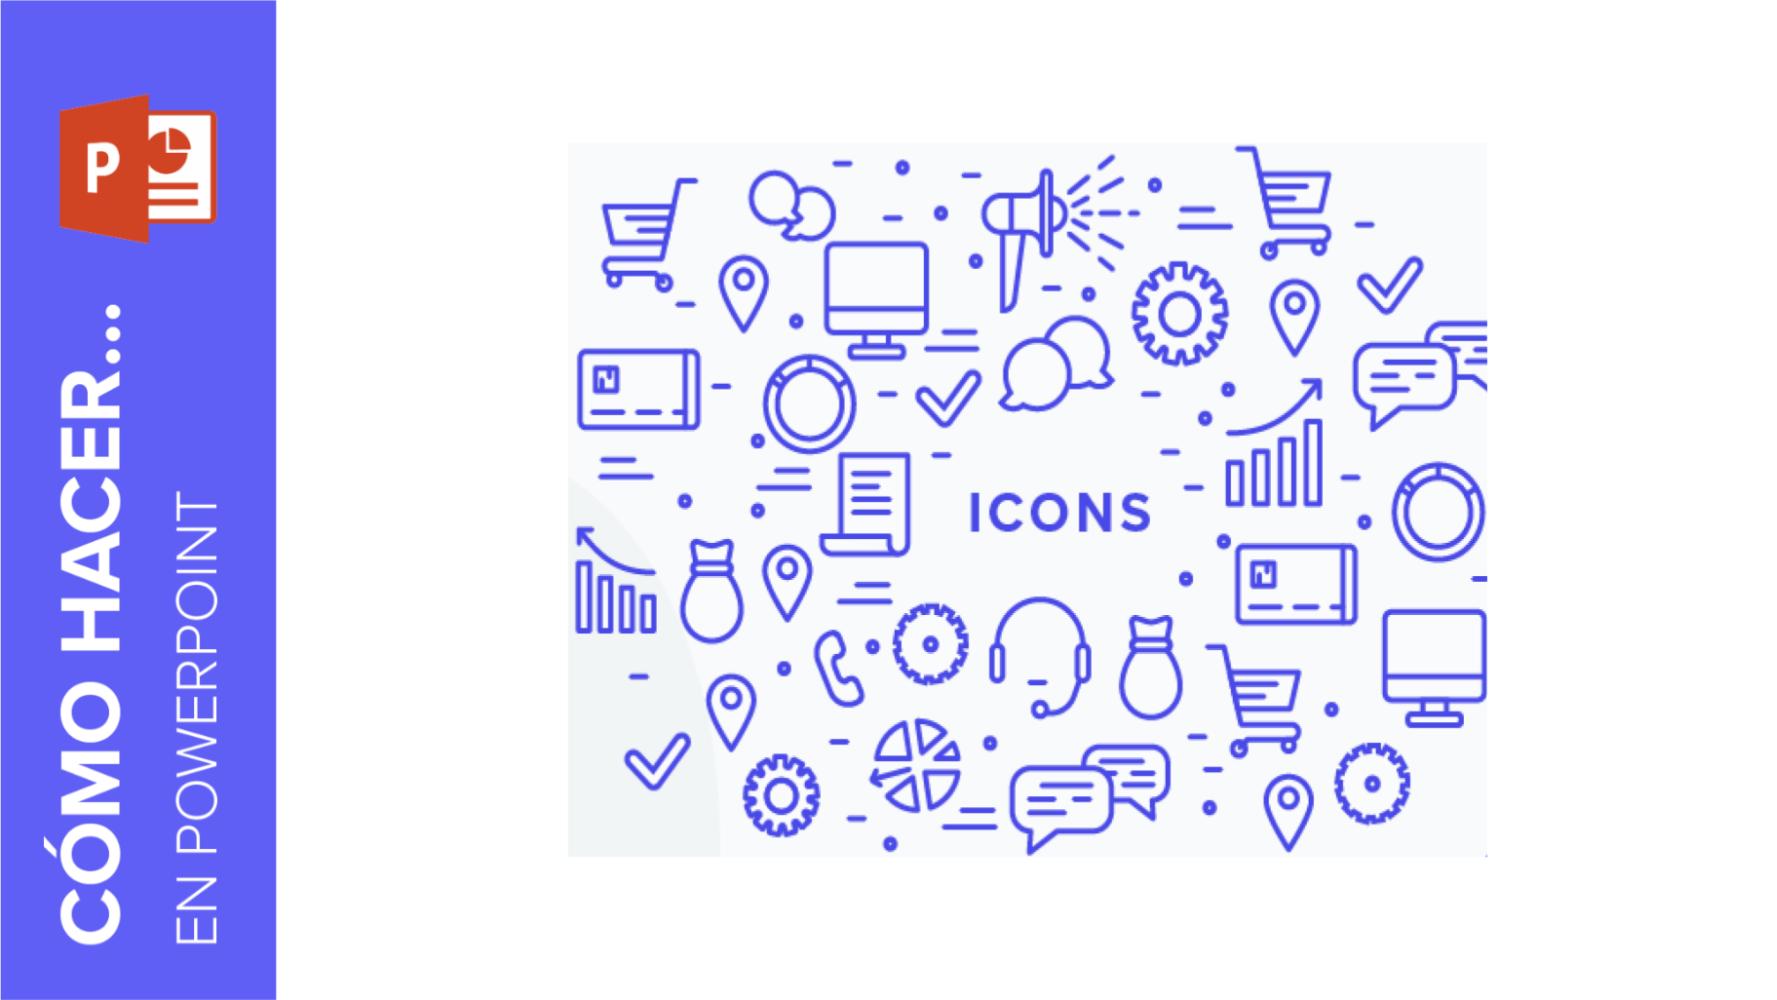 Cómo añadir y modificar iconos en PowerPoint | Tutoriales y Tips para tus presentaciones